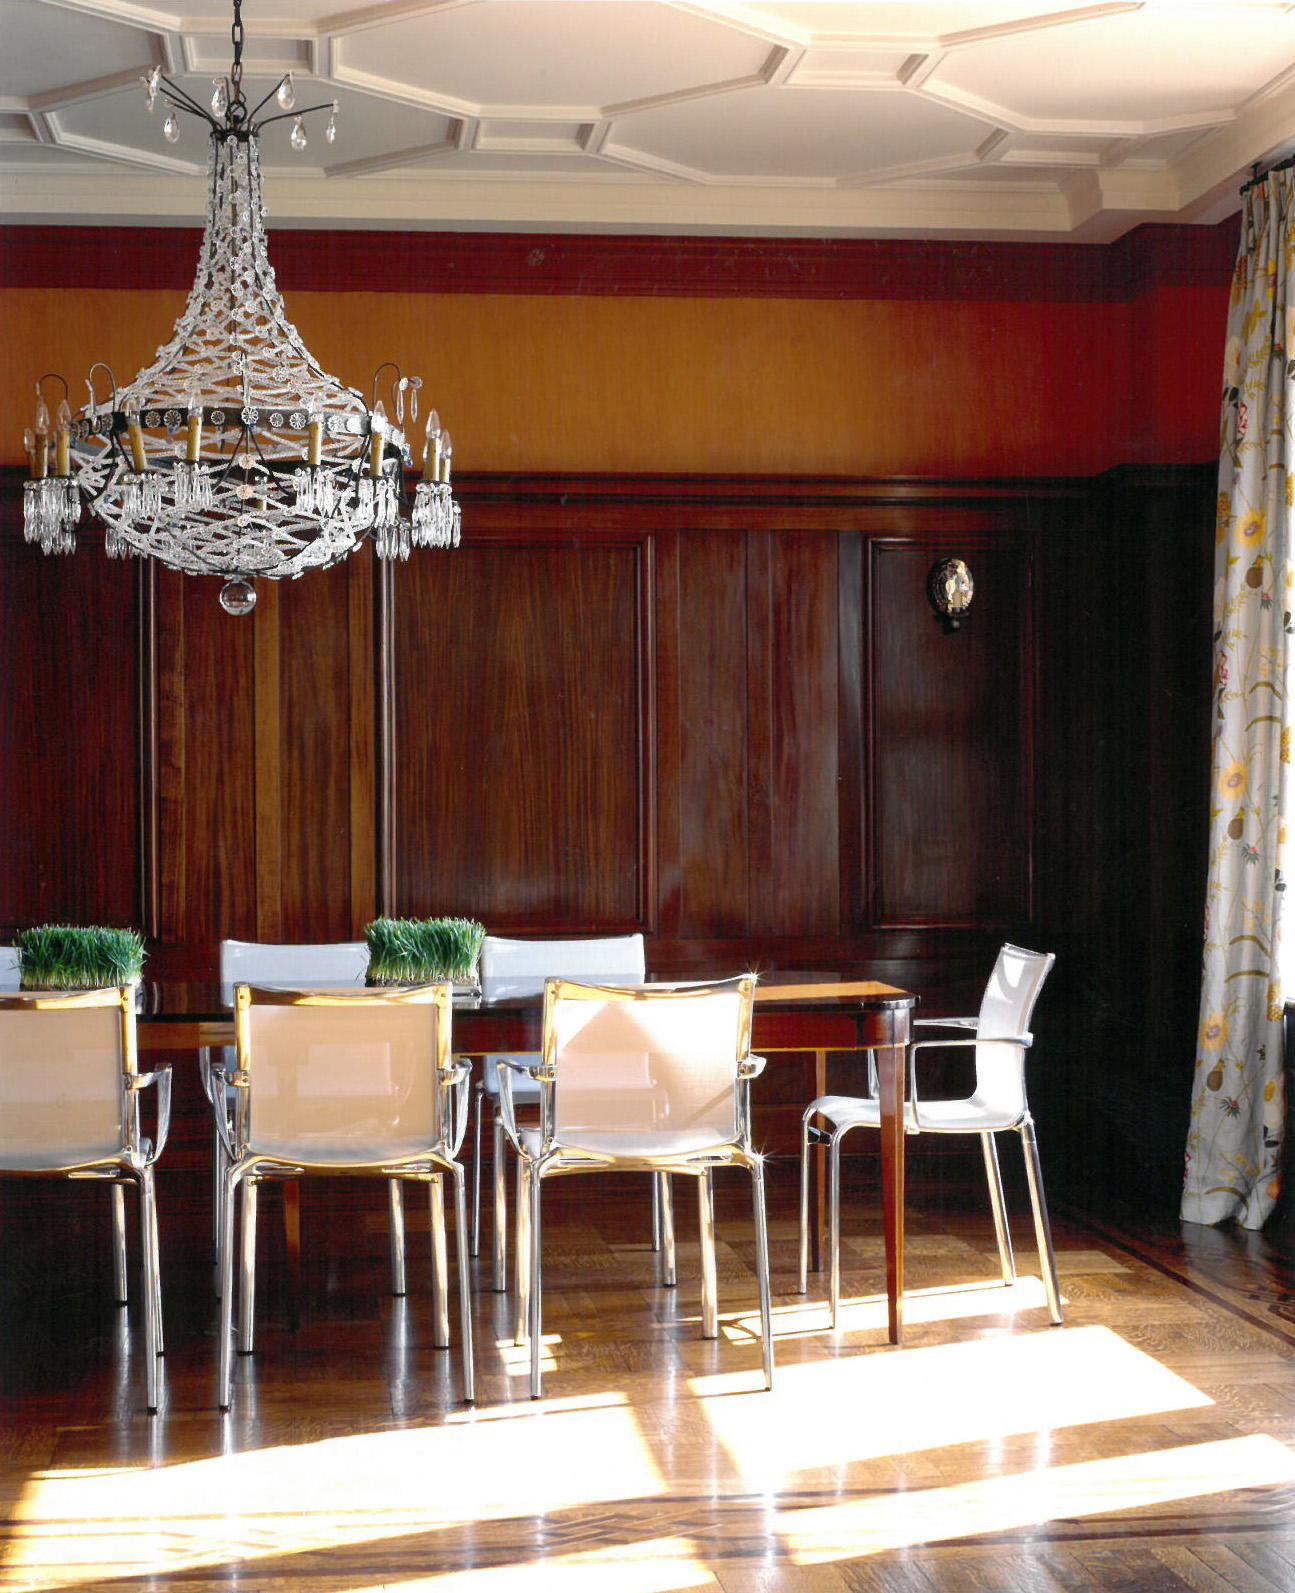 Mandlestam Dining Room.jpg